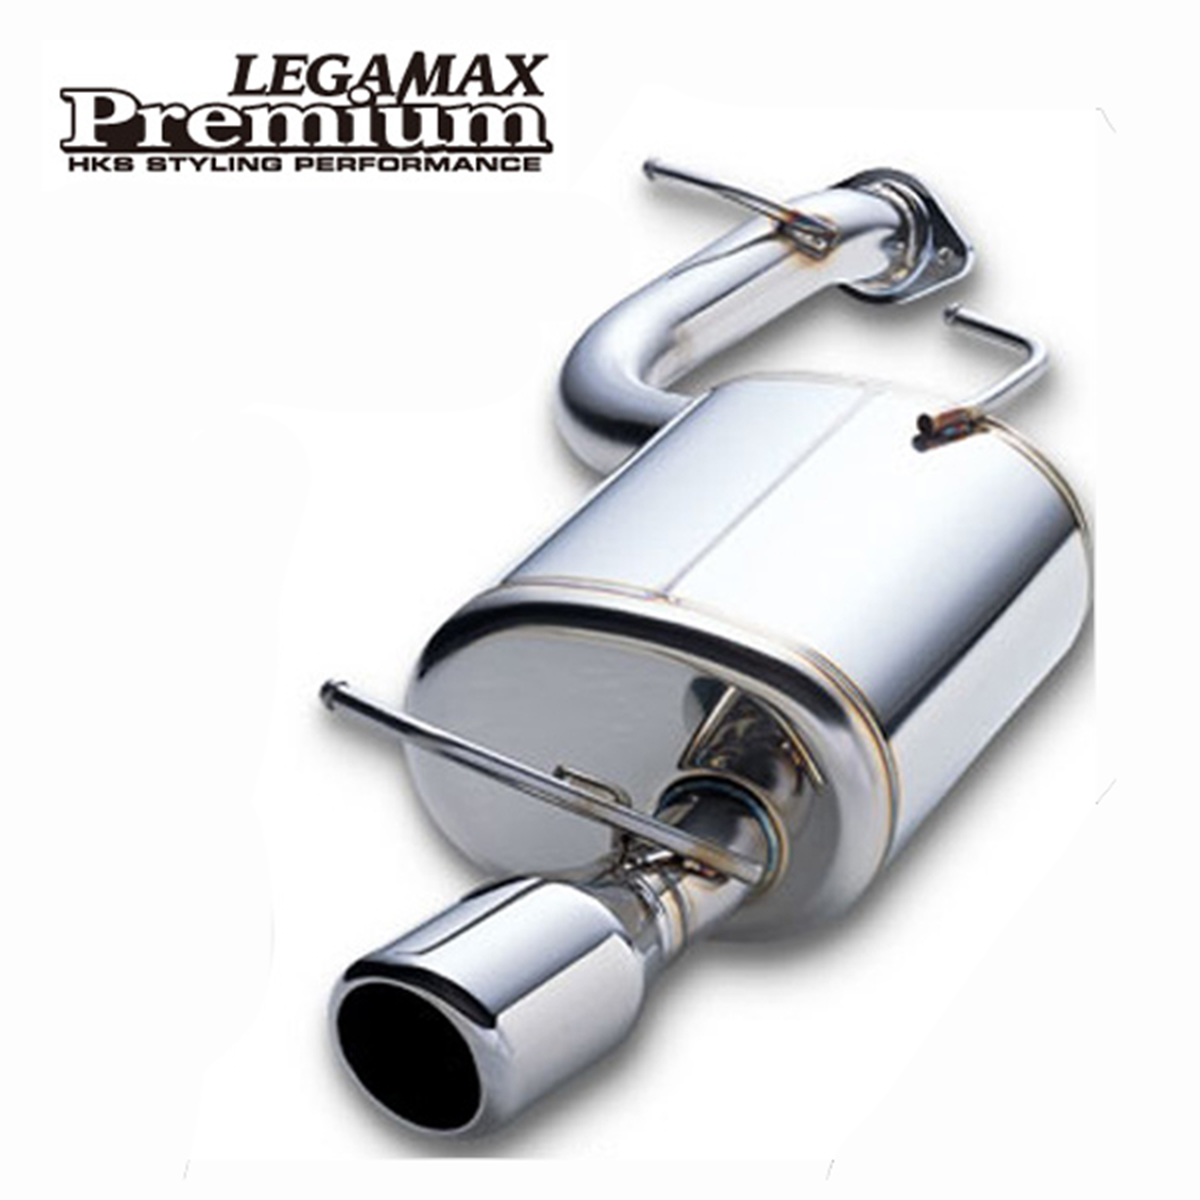 セレナ マフラー DAA-HFC26 HKS 32018-AN025 リーガマックスプレミアム 配送先条件有り